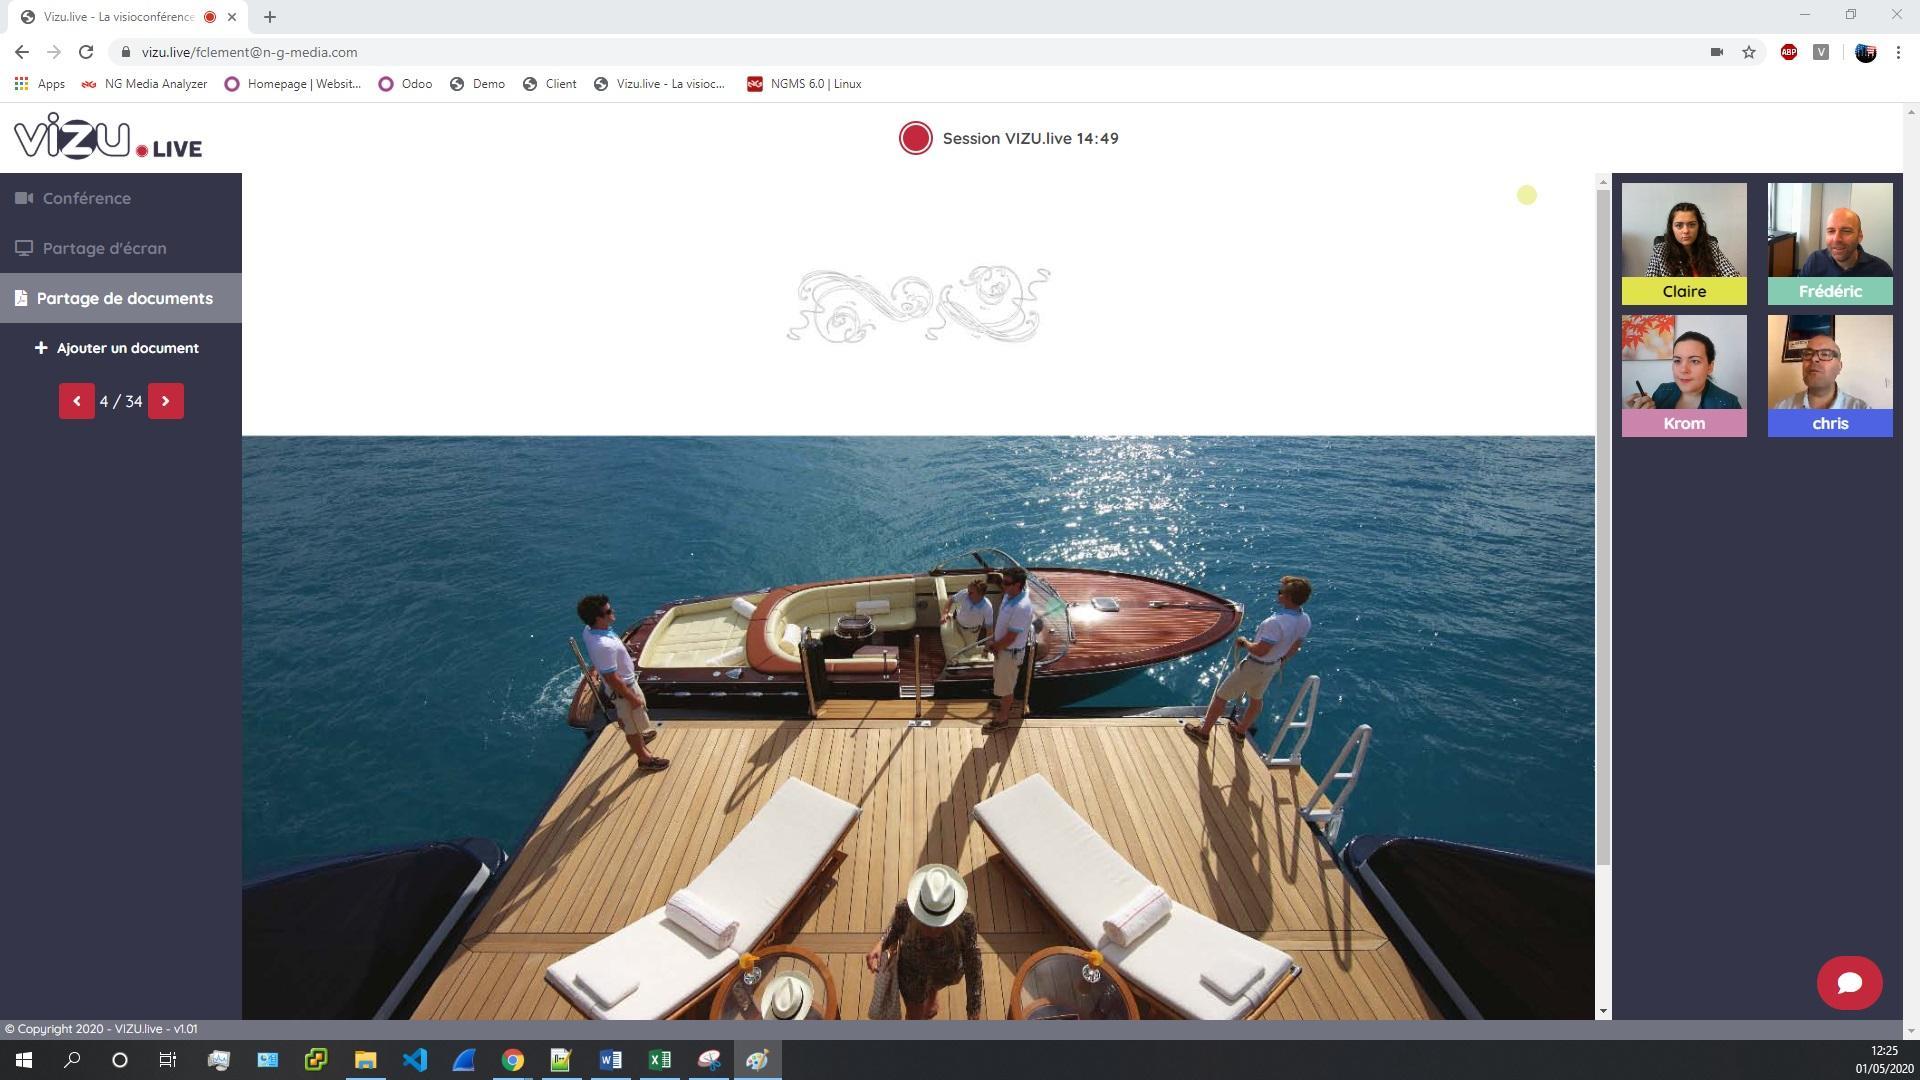 VIZU.live-partage de document 003